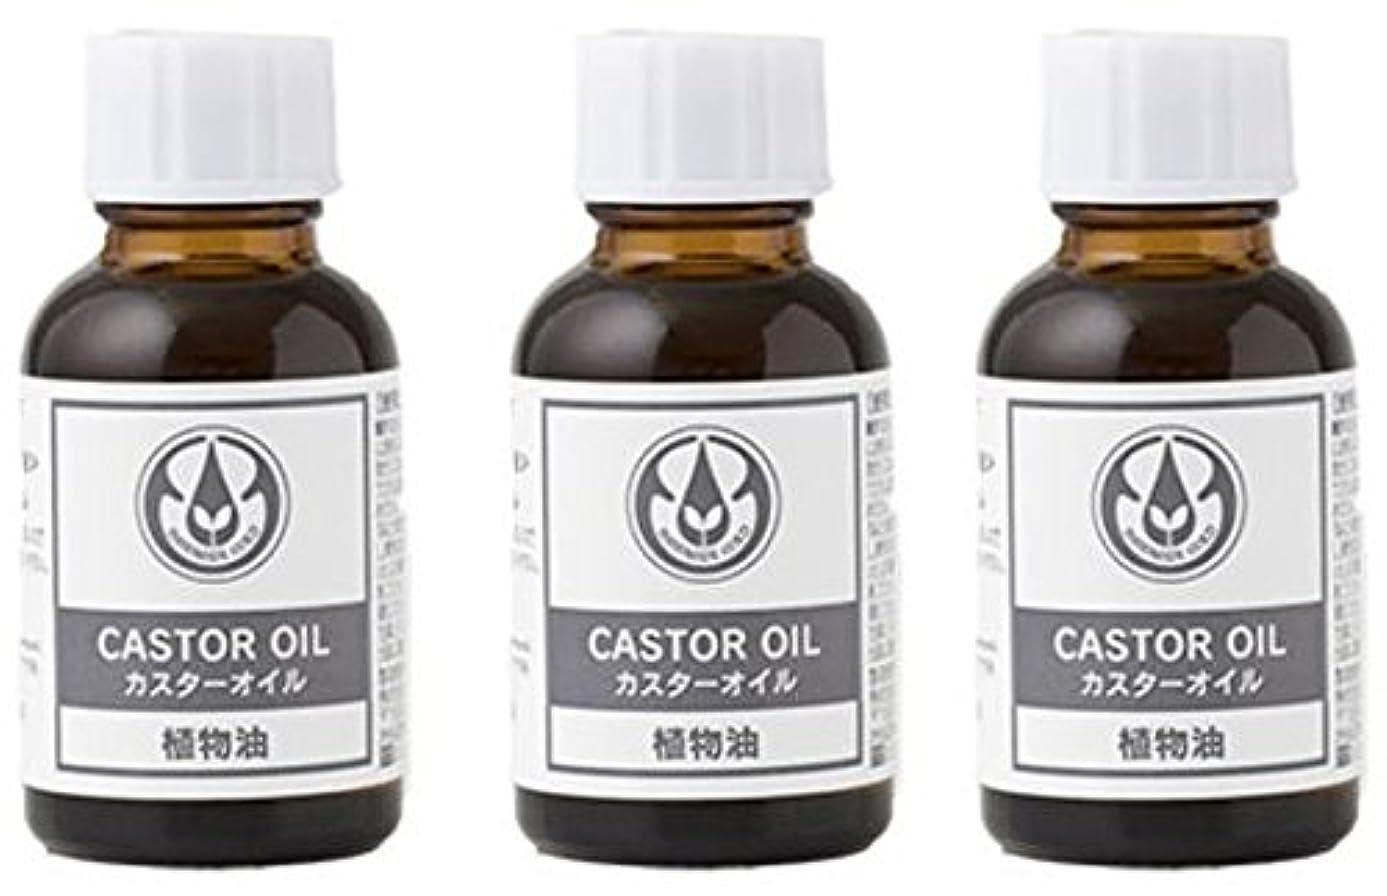 なに階段記念碑生活の木 カスターオイル[ひまし油] 25ml (3瓶(25ml×3))